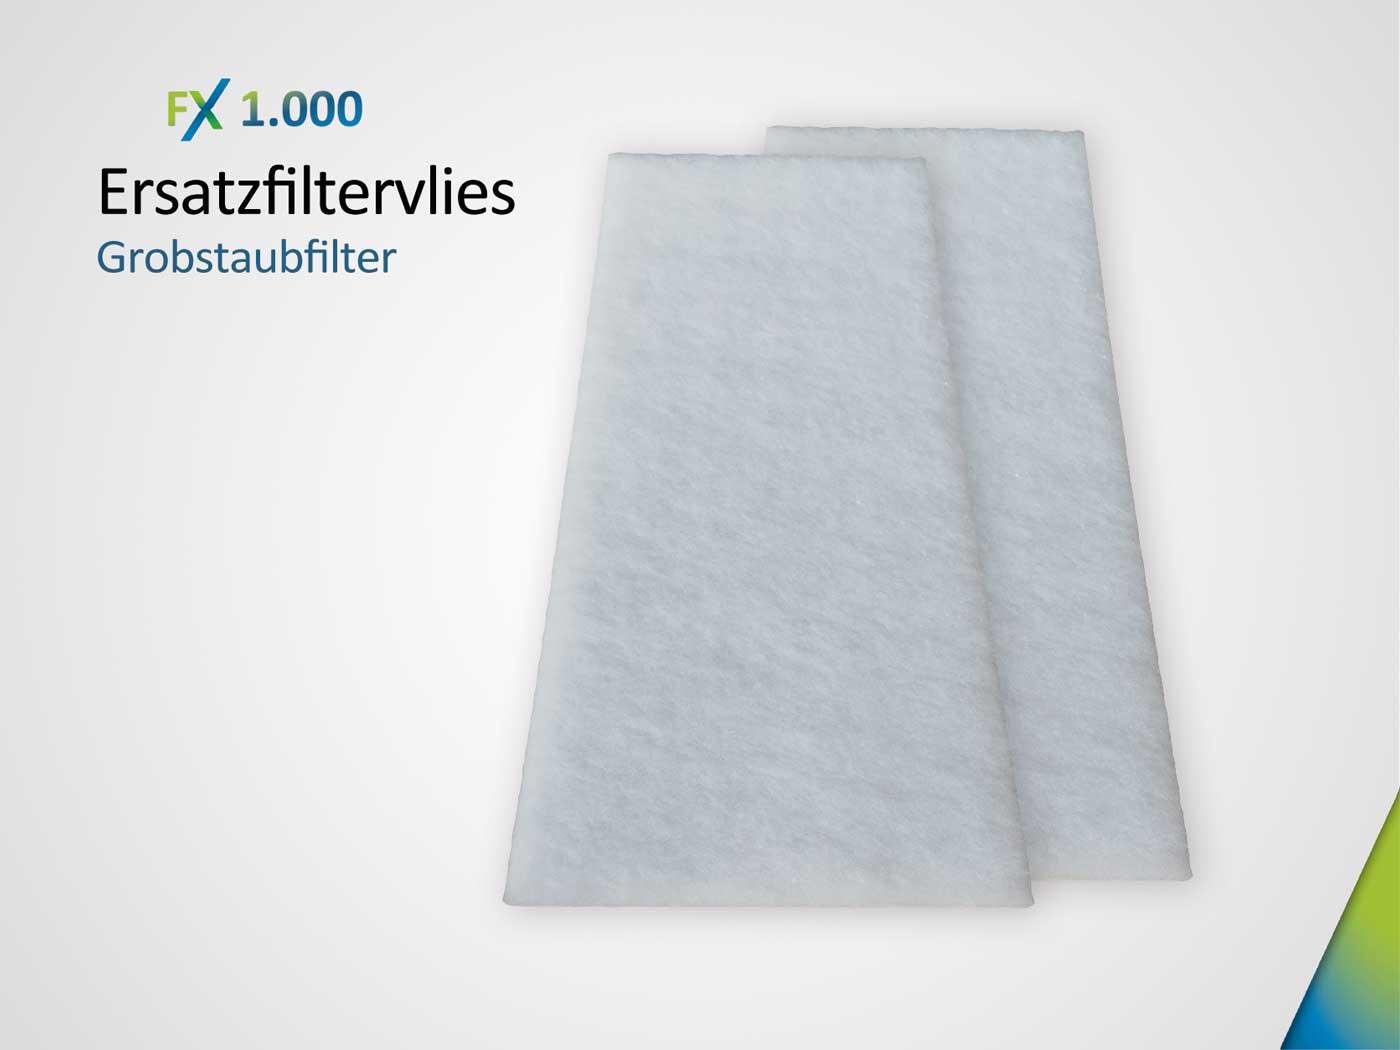 Ersatzfiltervlies bestehend aus 2 x Grobstaubfilter ISO ePM10 > 50%